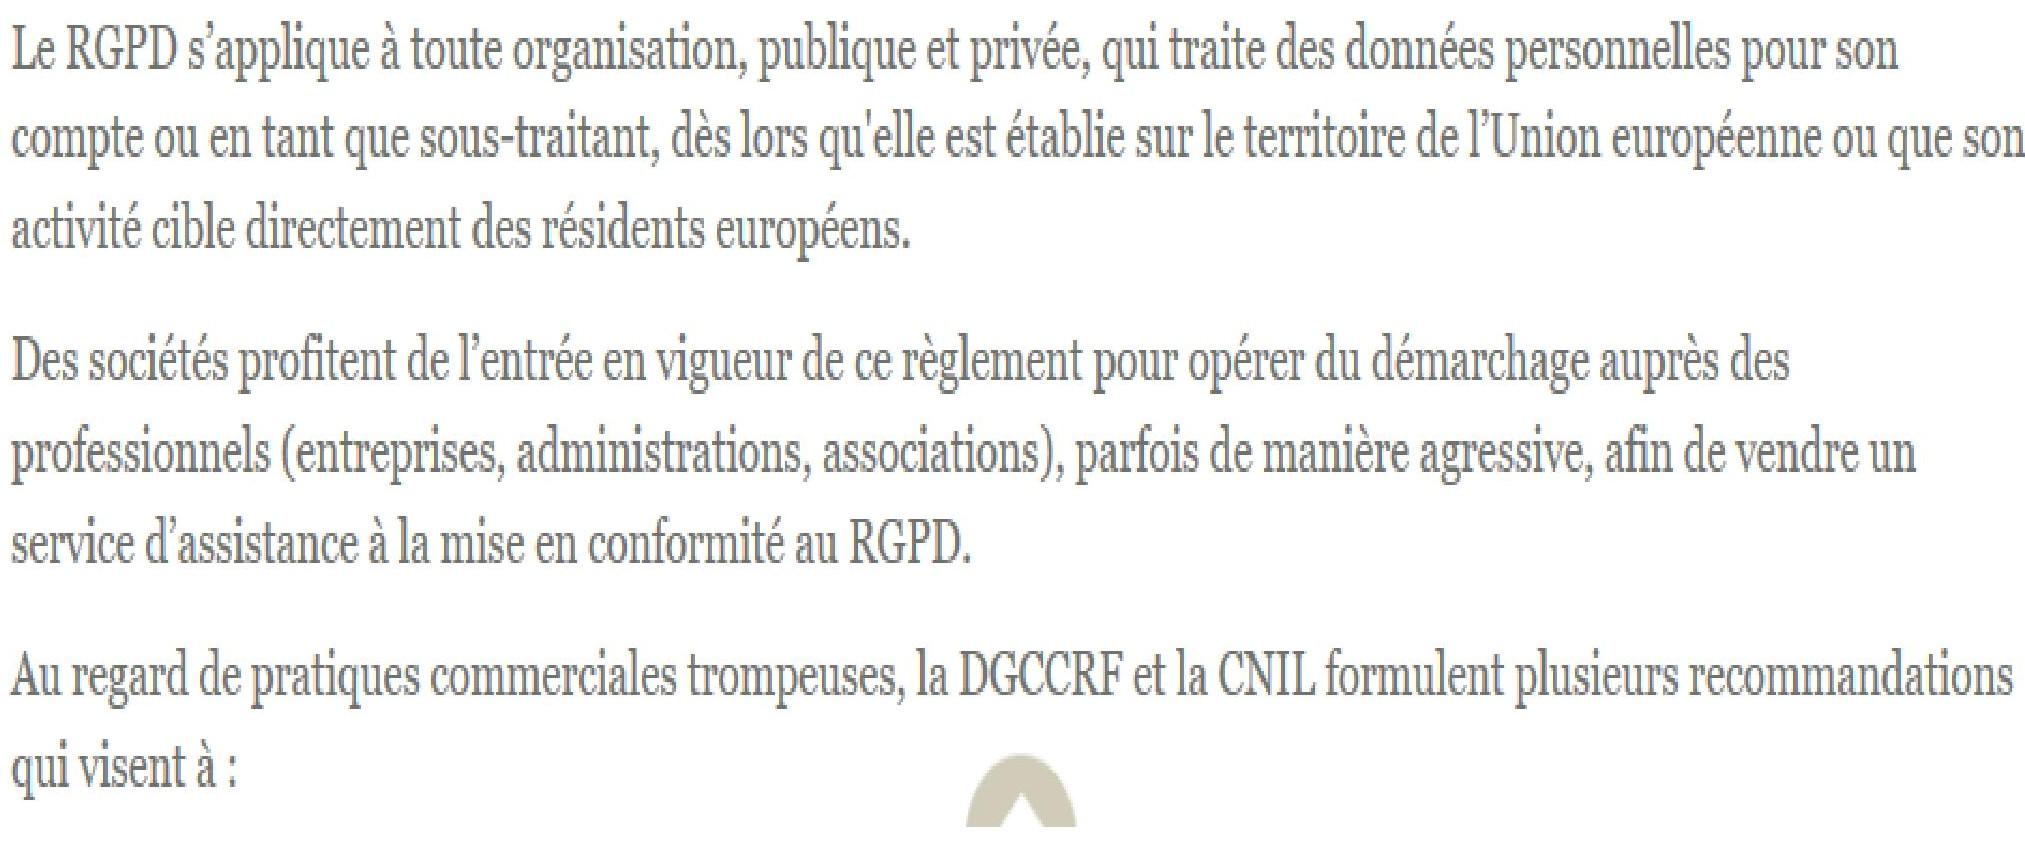 courrier-mise-en-conformité-arnaque-rgpd-cnil